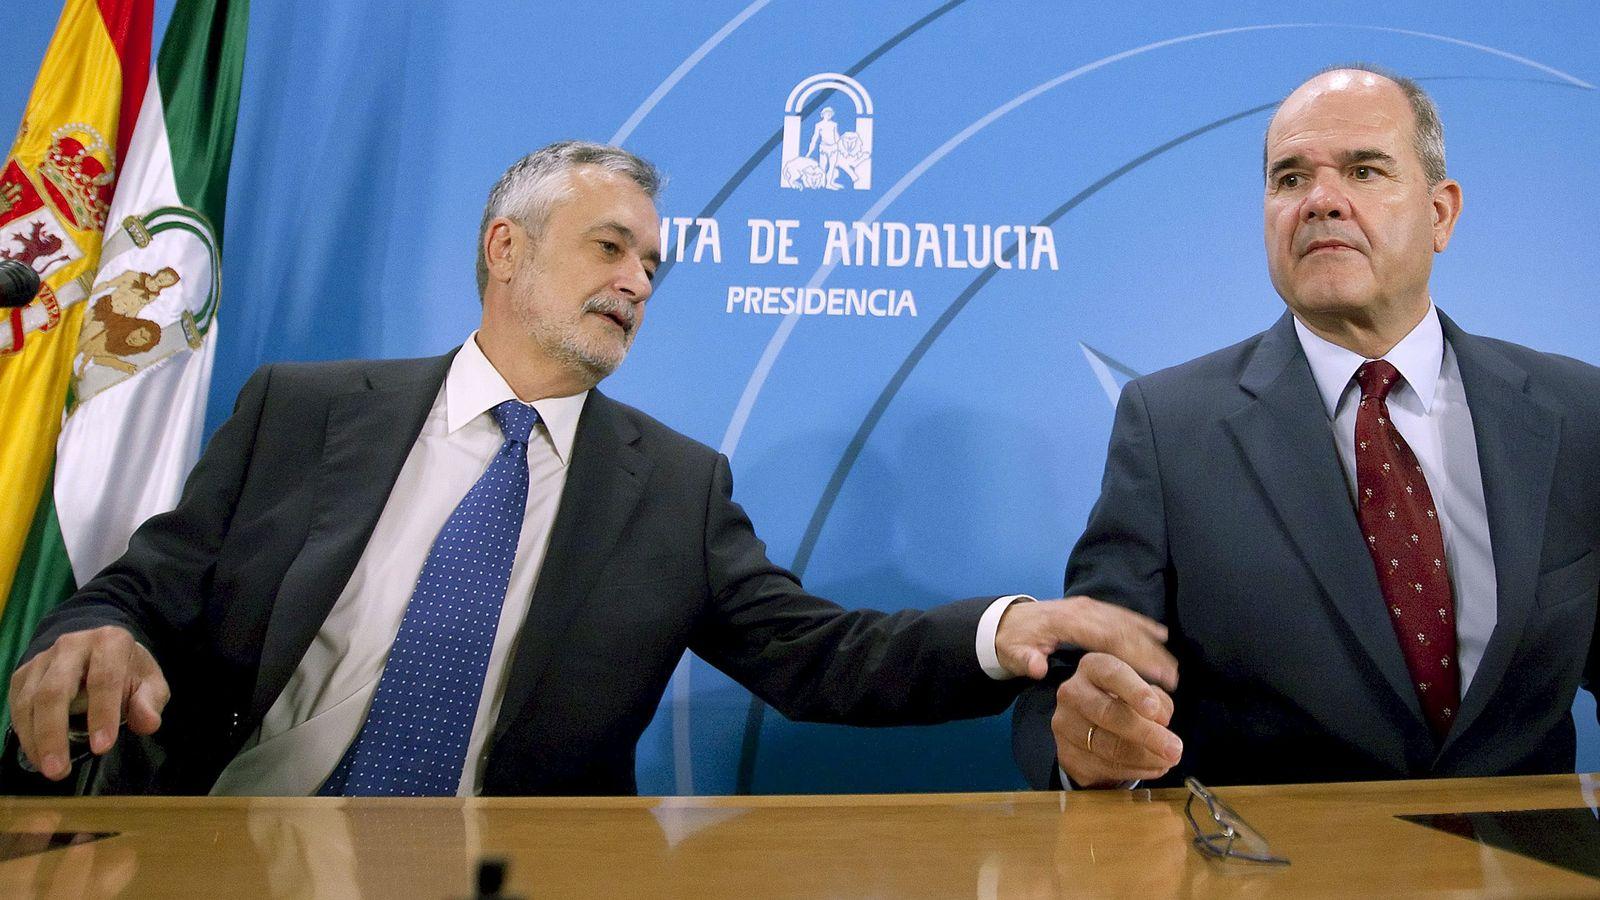 Foto: José Antonio Griñán y Manuel Chaves (EFE)